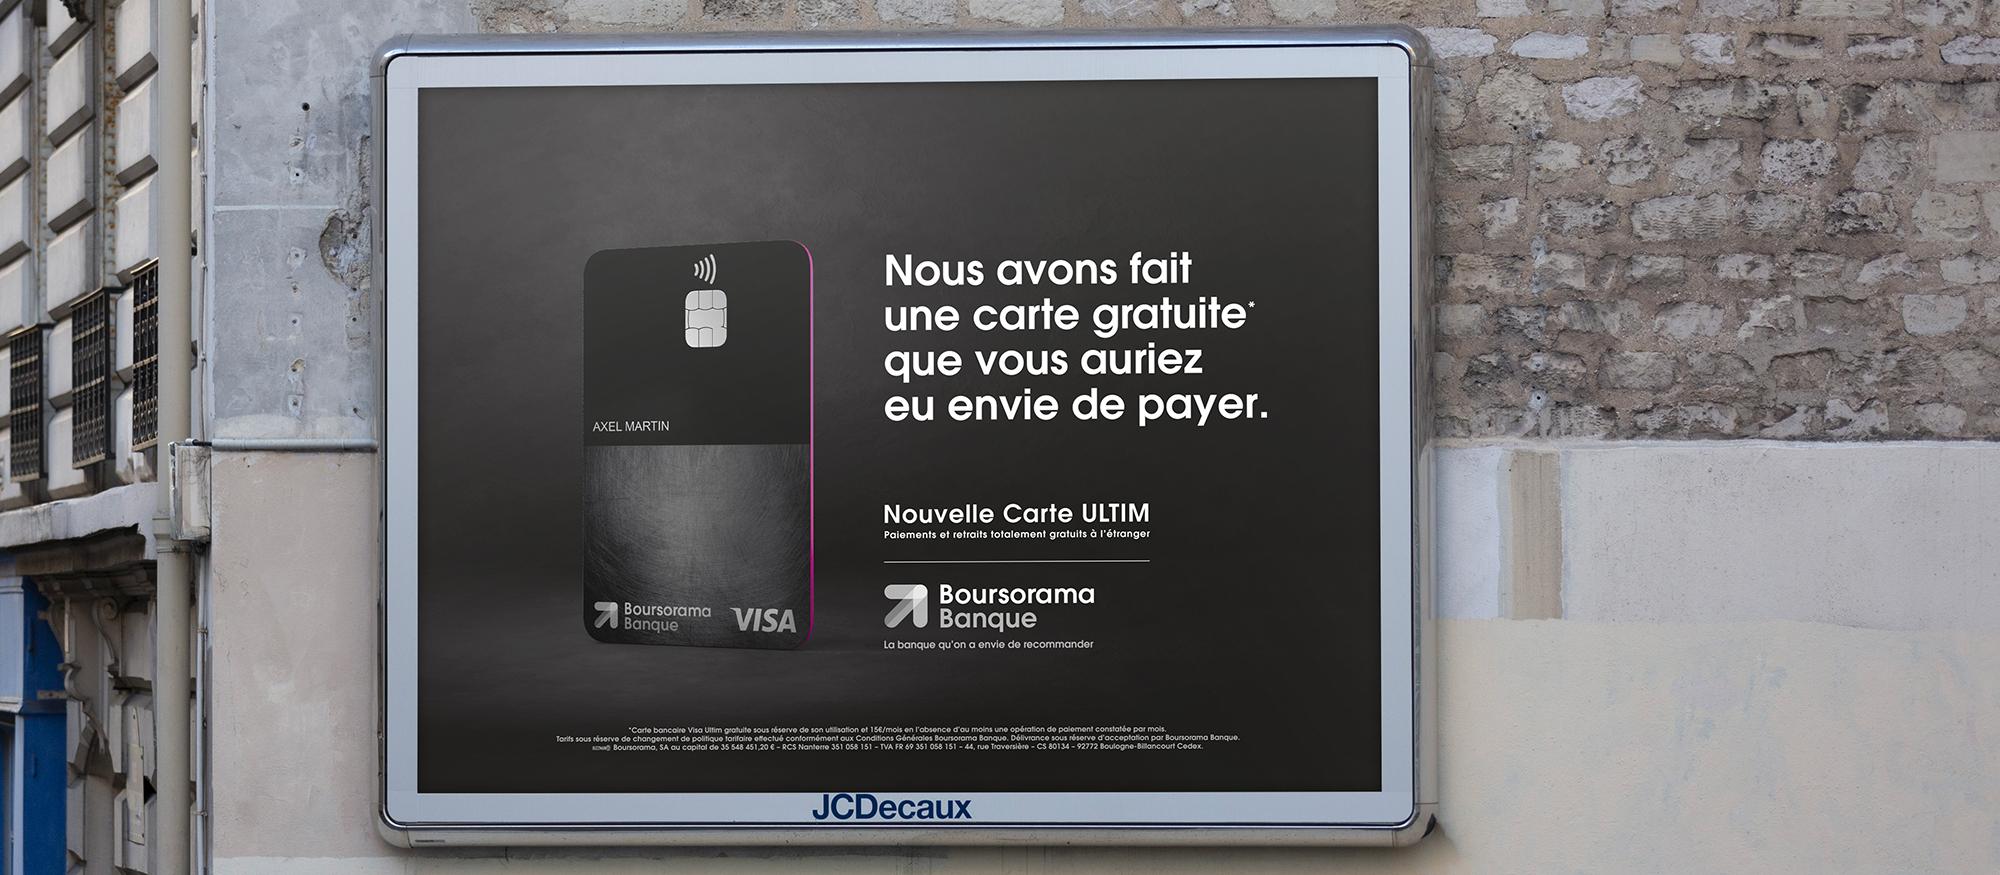 carte visa premier boursorama etranger Boursorama s'attaque à N26 en lançant Ultim, sa carte totalement